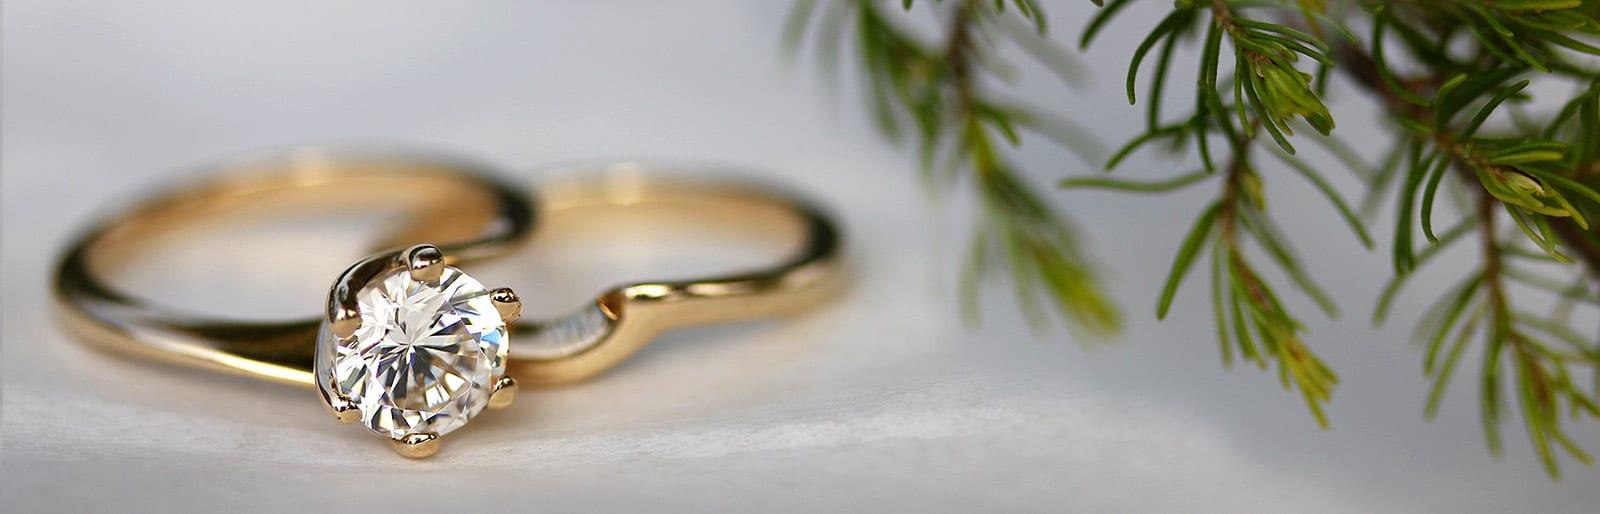 Wedding Bands Header Image